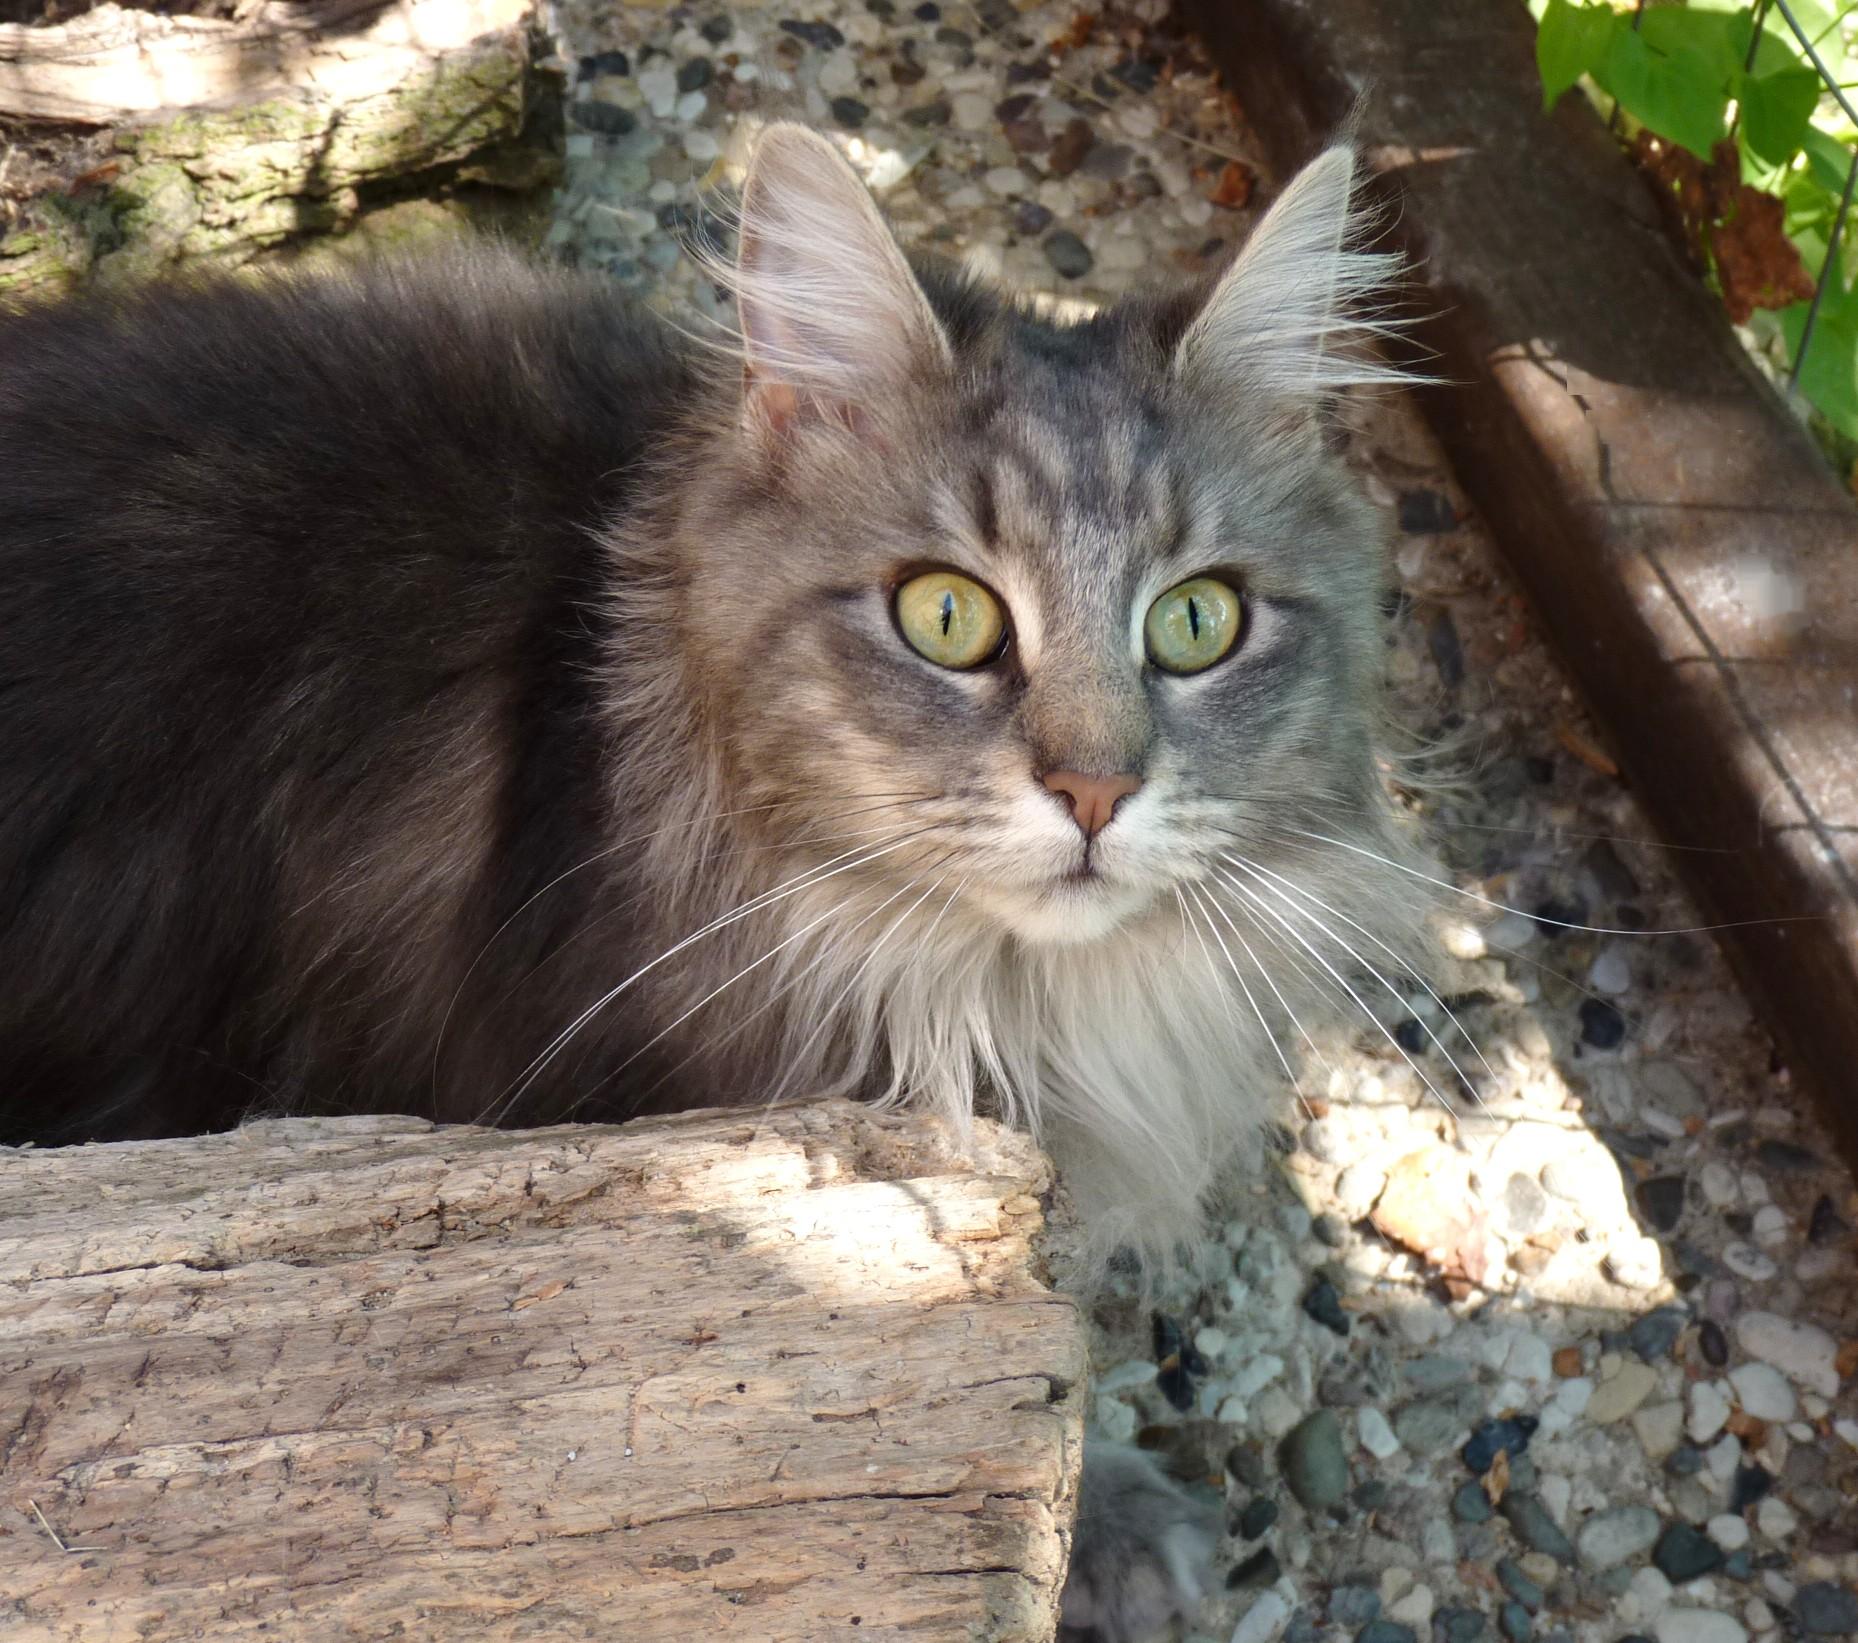 Maine Coon Kitten aus Maine Coon Zucht vom Maine Coon Züchter, typvoll Stammbaum, Papiere, Mainecoonkitten, Maine Coon Zucht, Mainecoonzucht, Berlin, Brandenburg, XXLMainecoonkitten